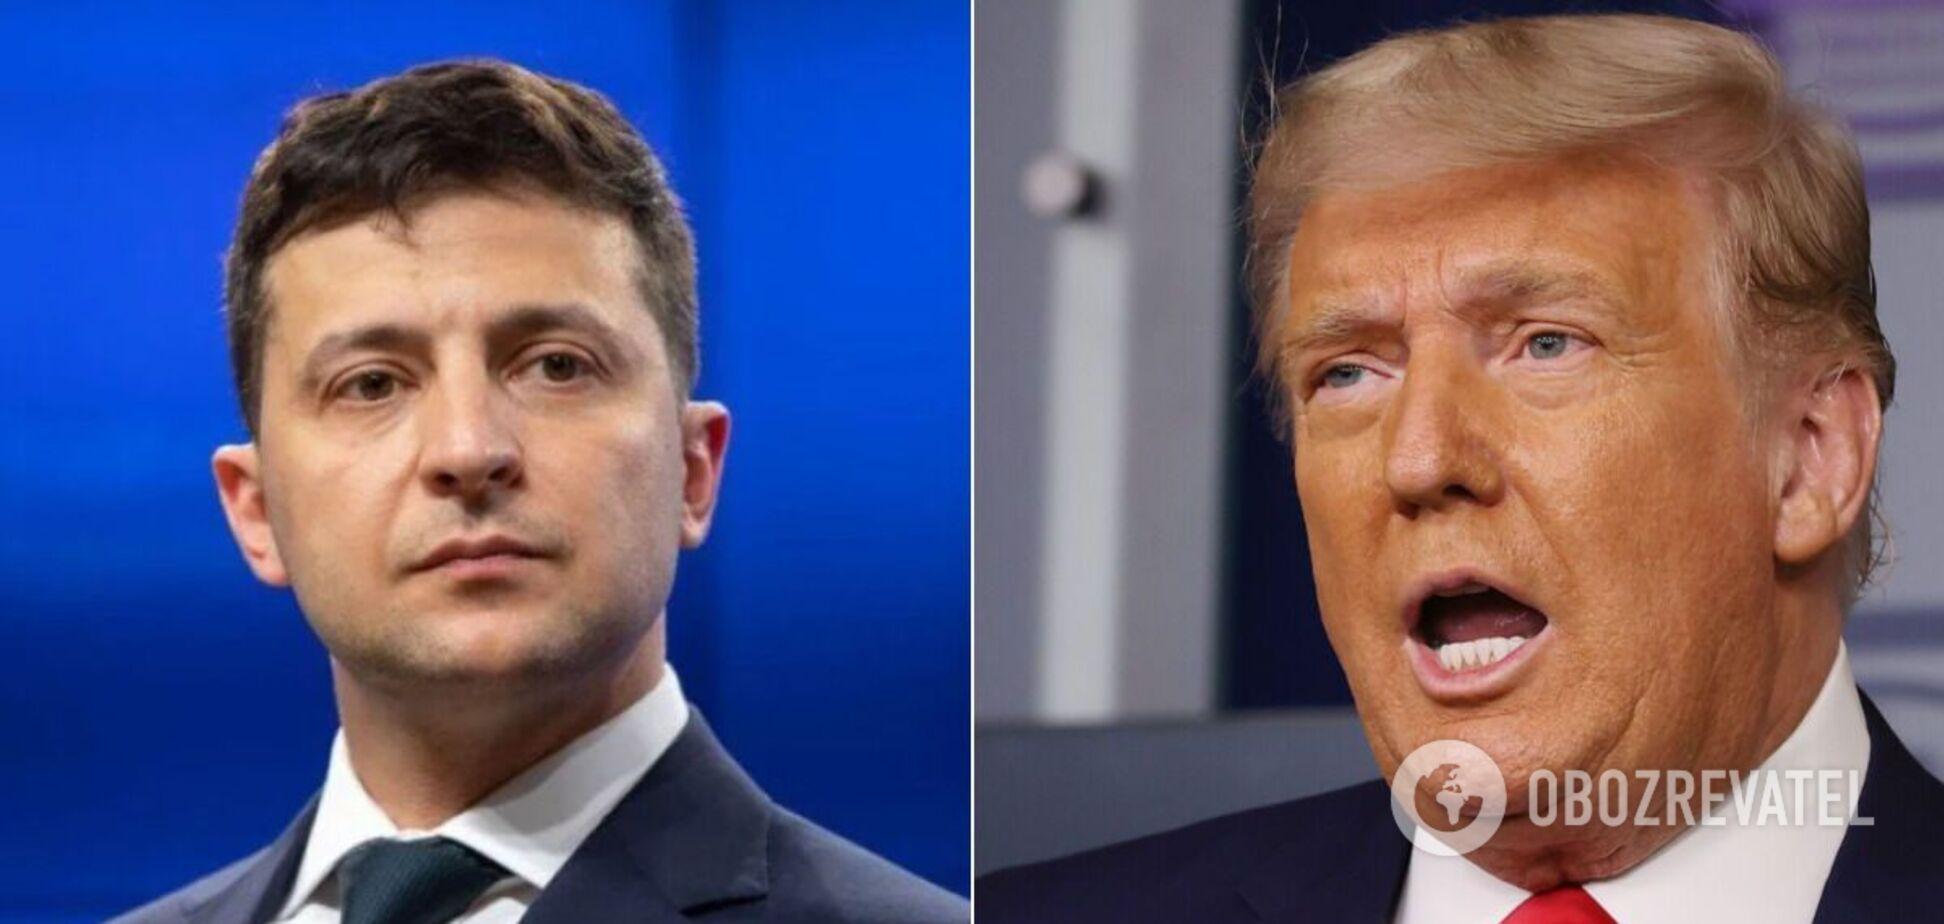 Зеленський відреагував на штурм Конгресу США прихильниками Трампа